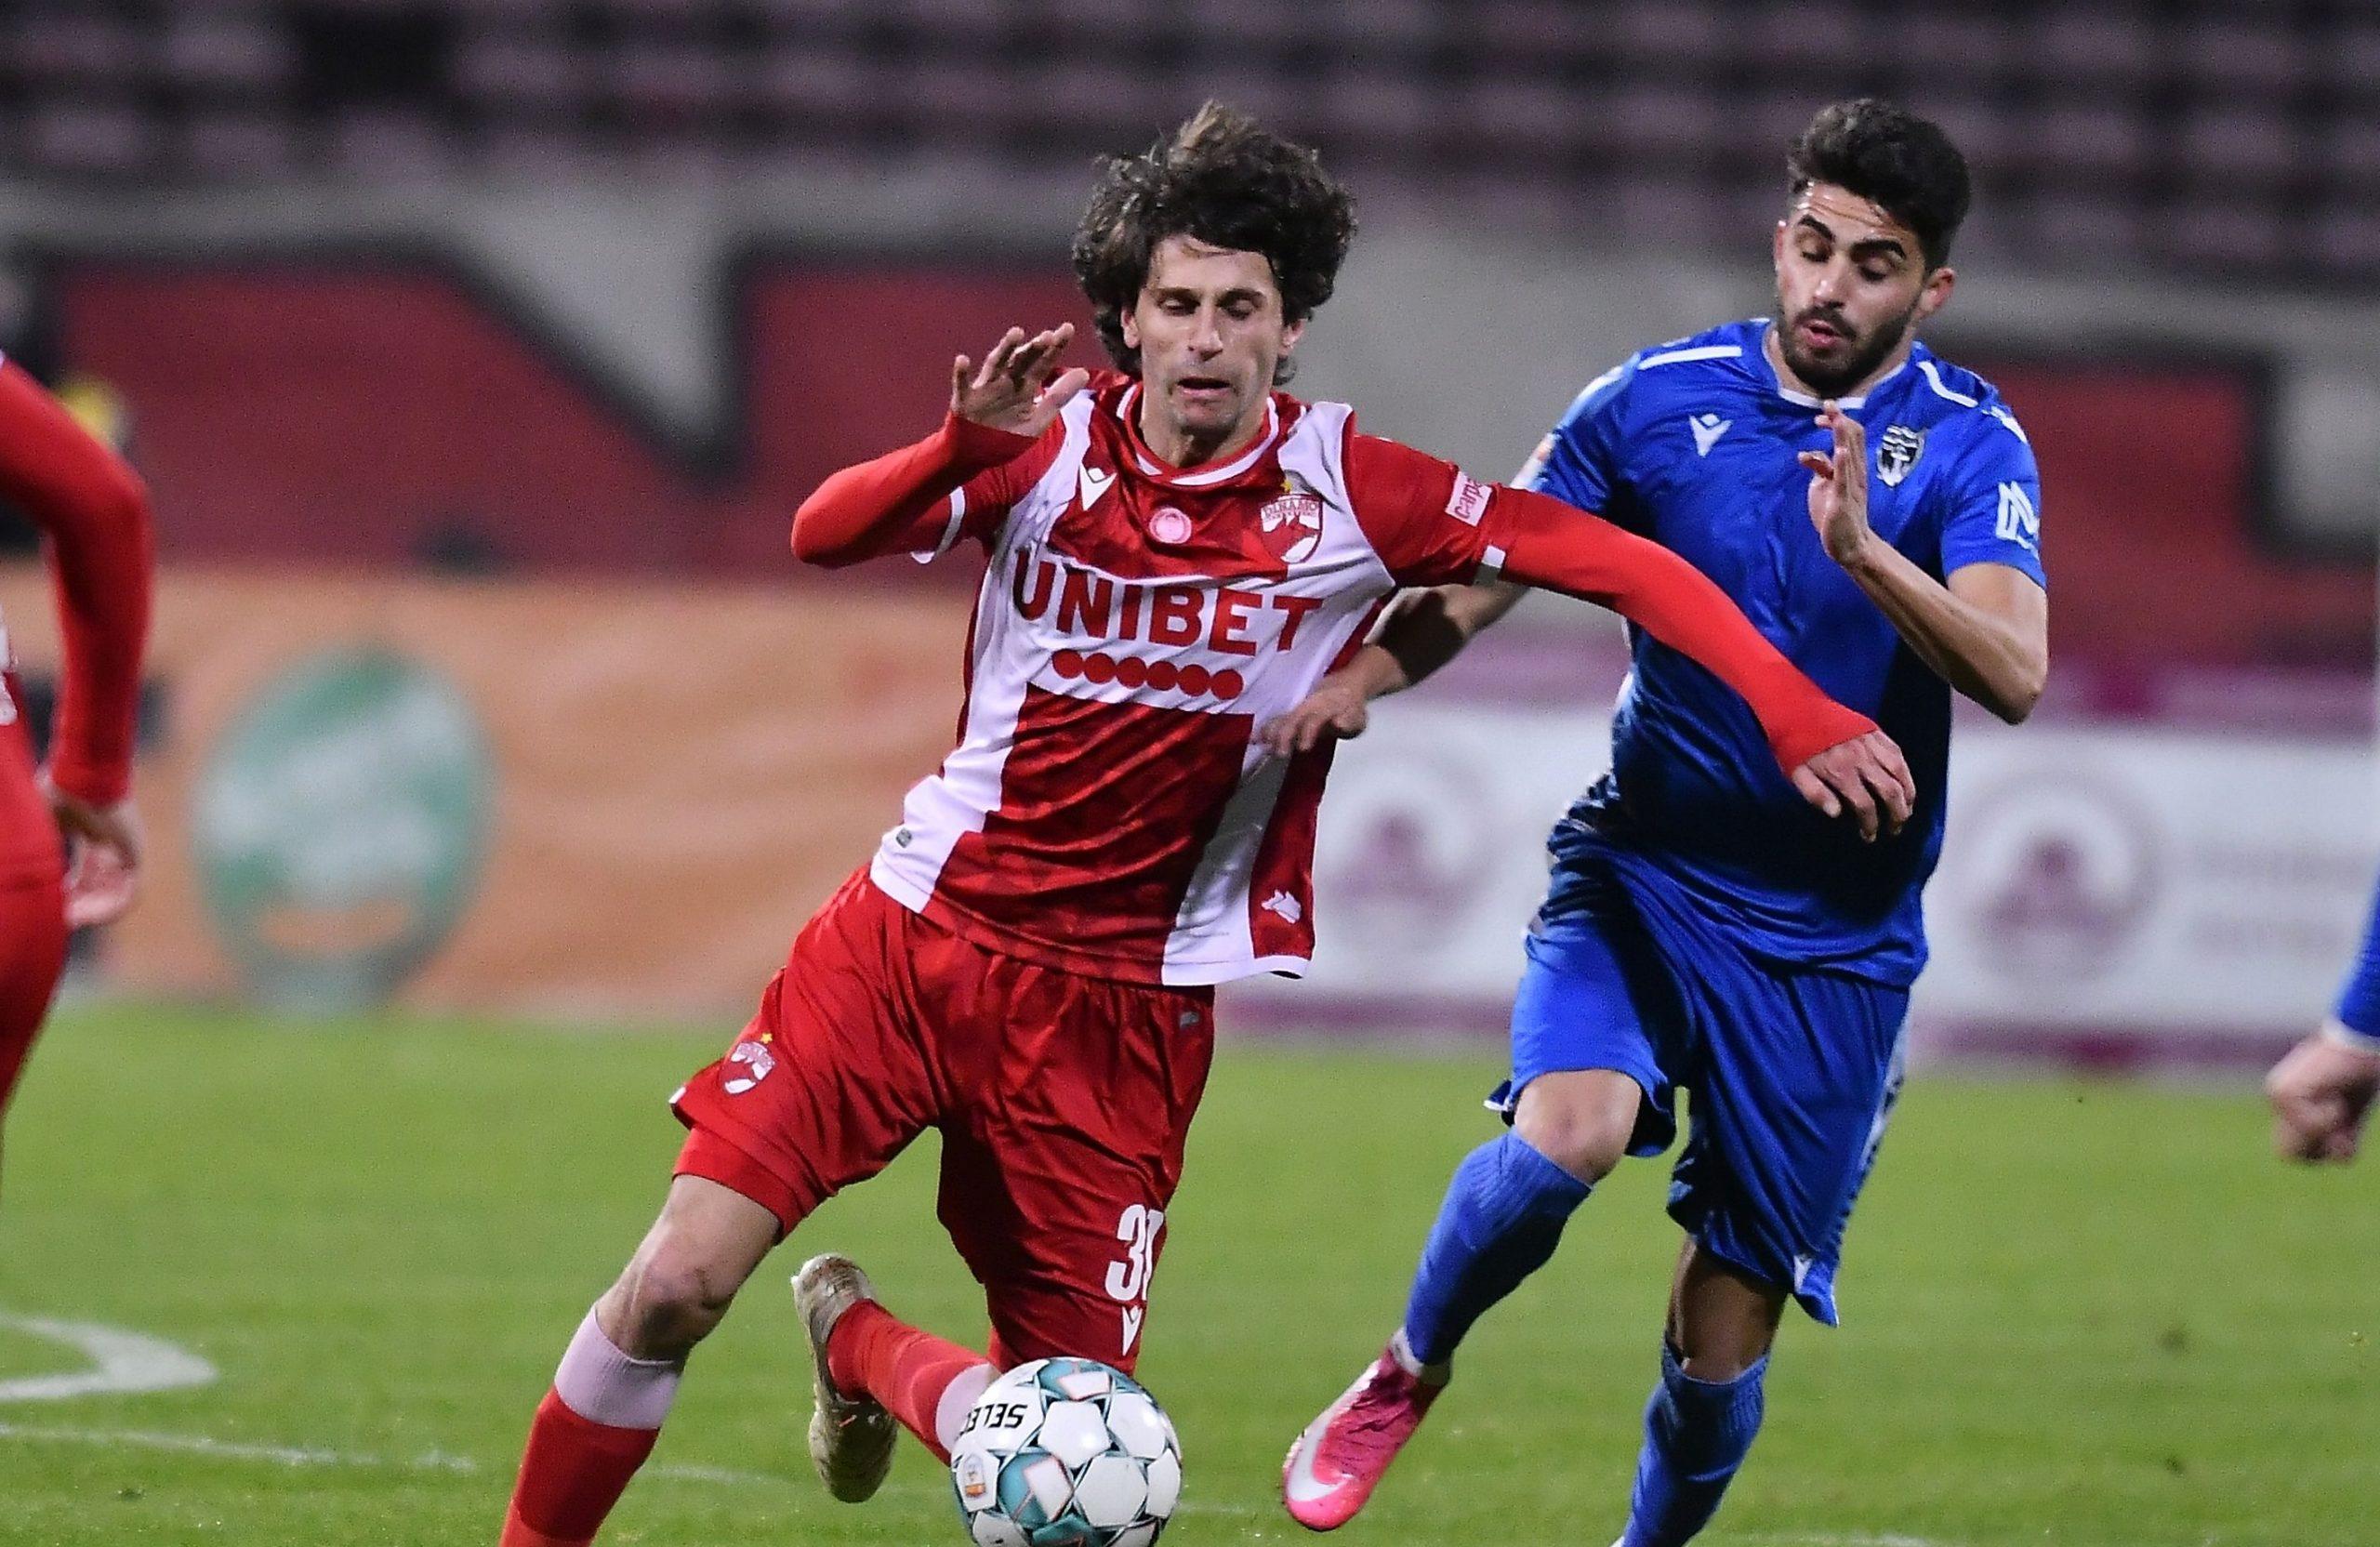 Diego Fabrini în timpul unui meci pentru Dinamo